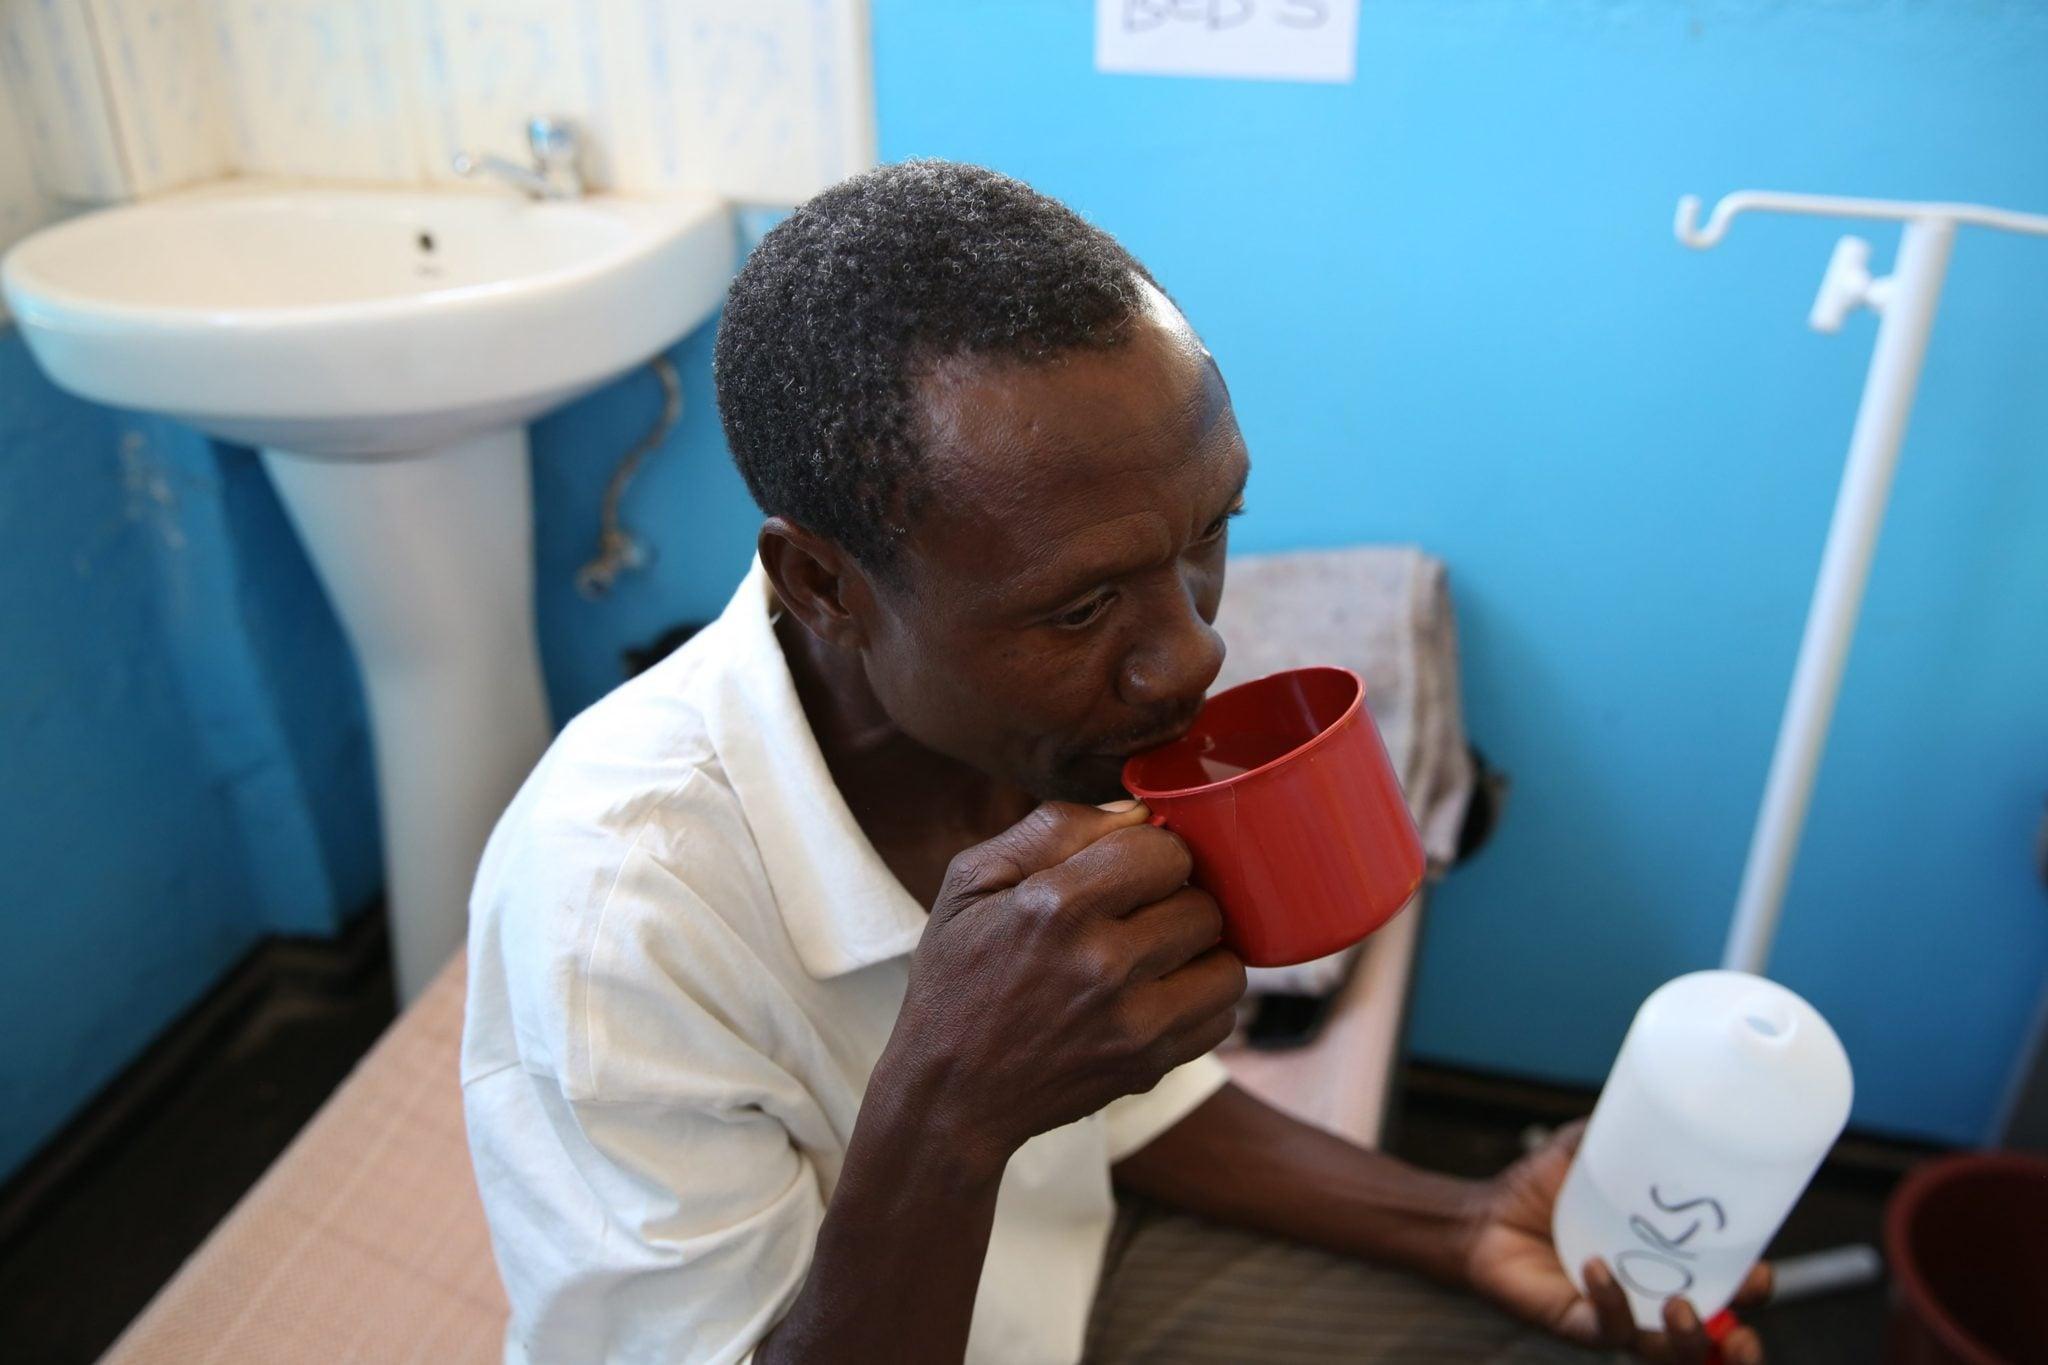 Zimbabwe: pacjent, u którego podejrzewa się cholerę pije roztwór przygtowany dla niego w klinice, fot: